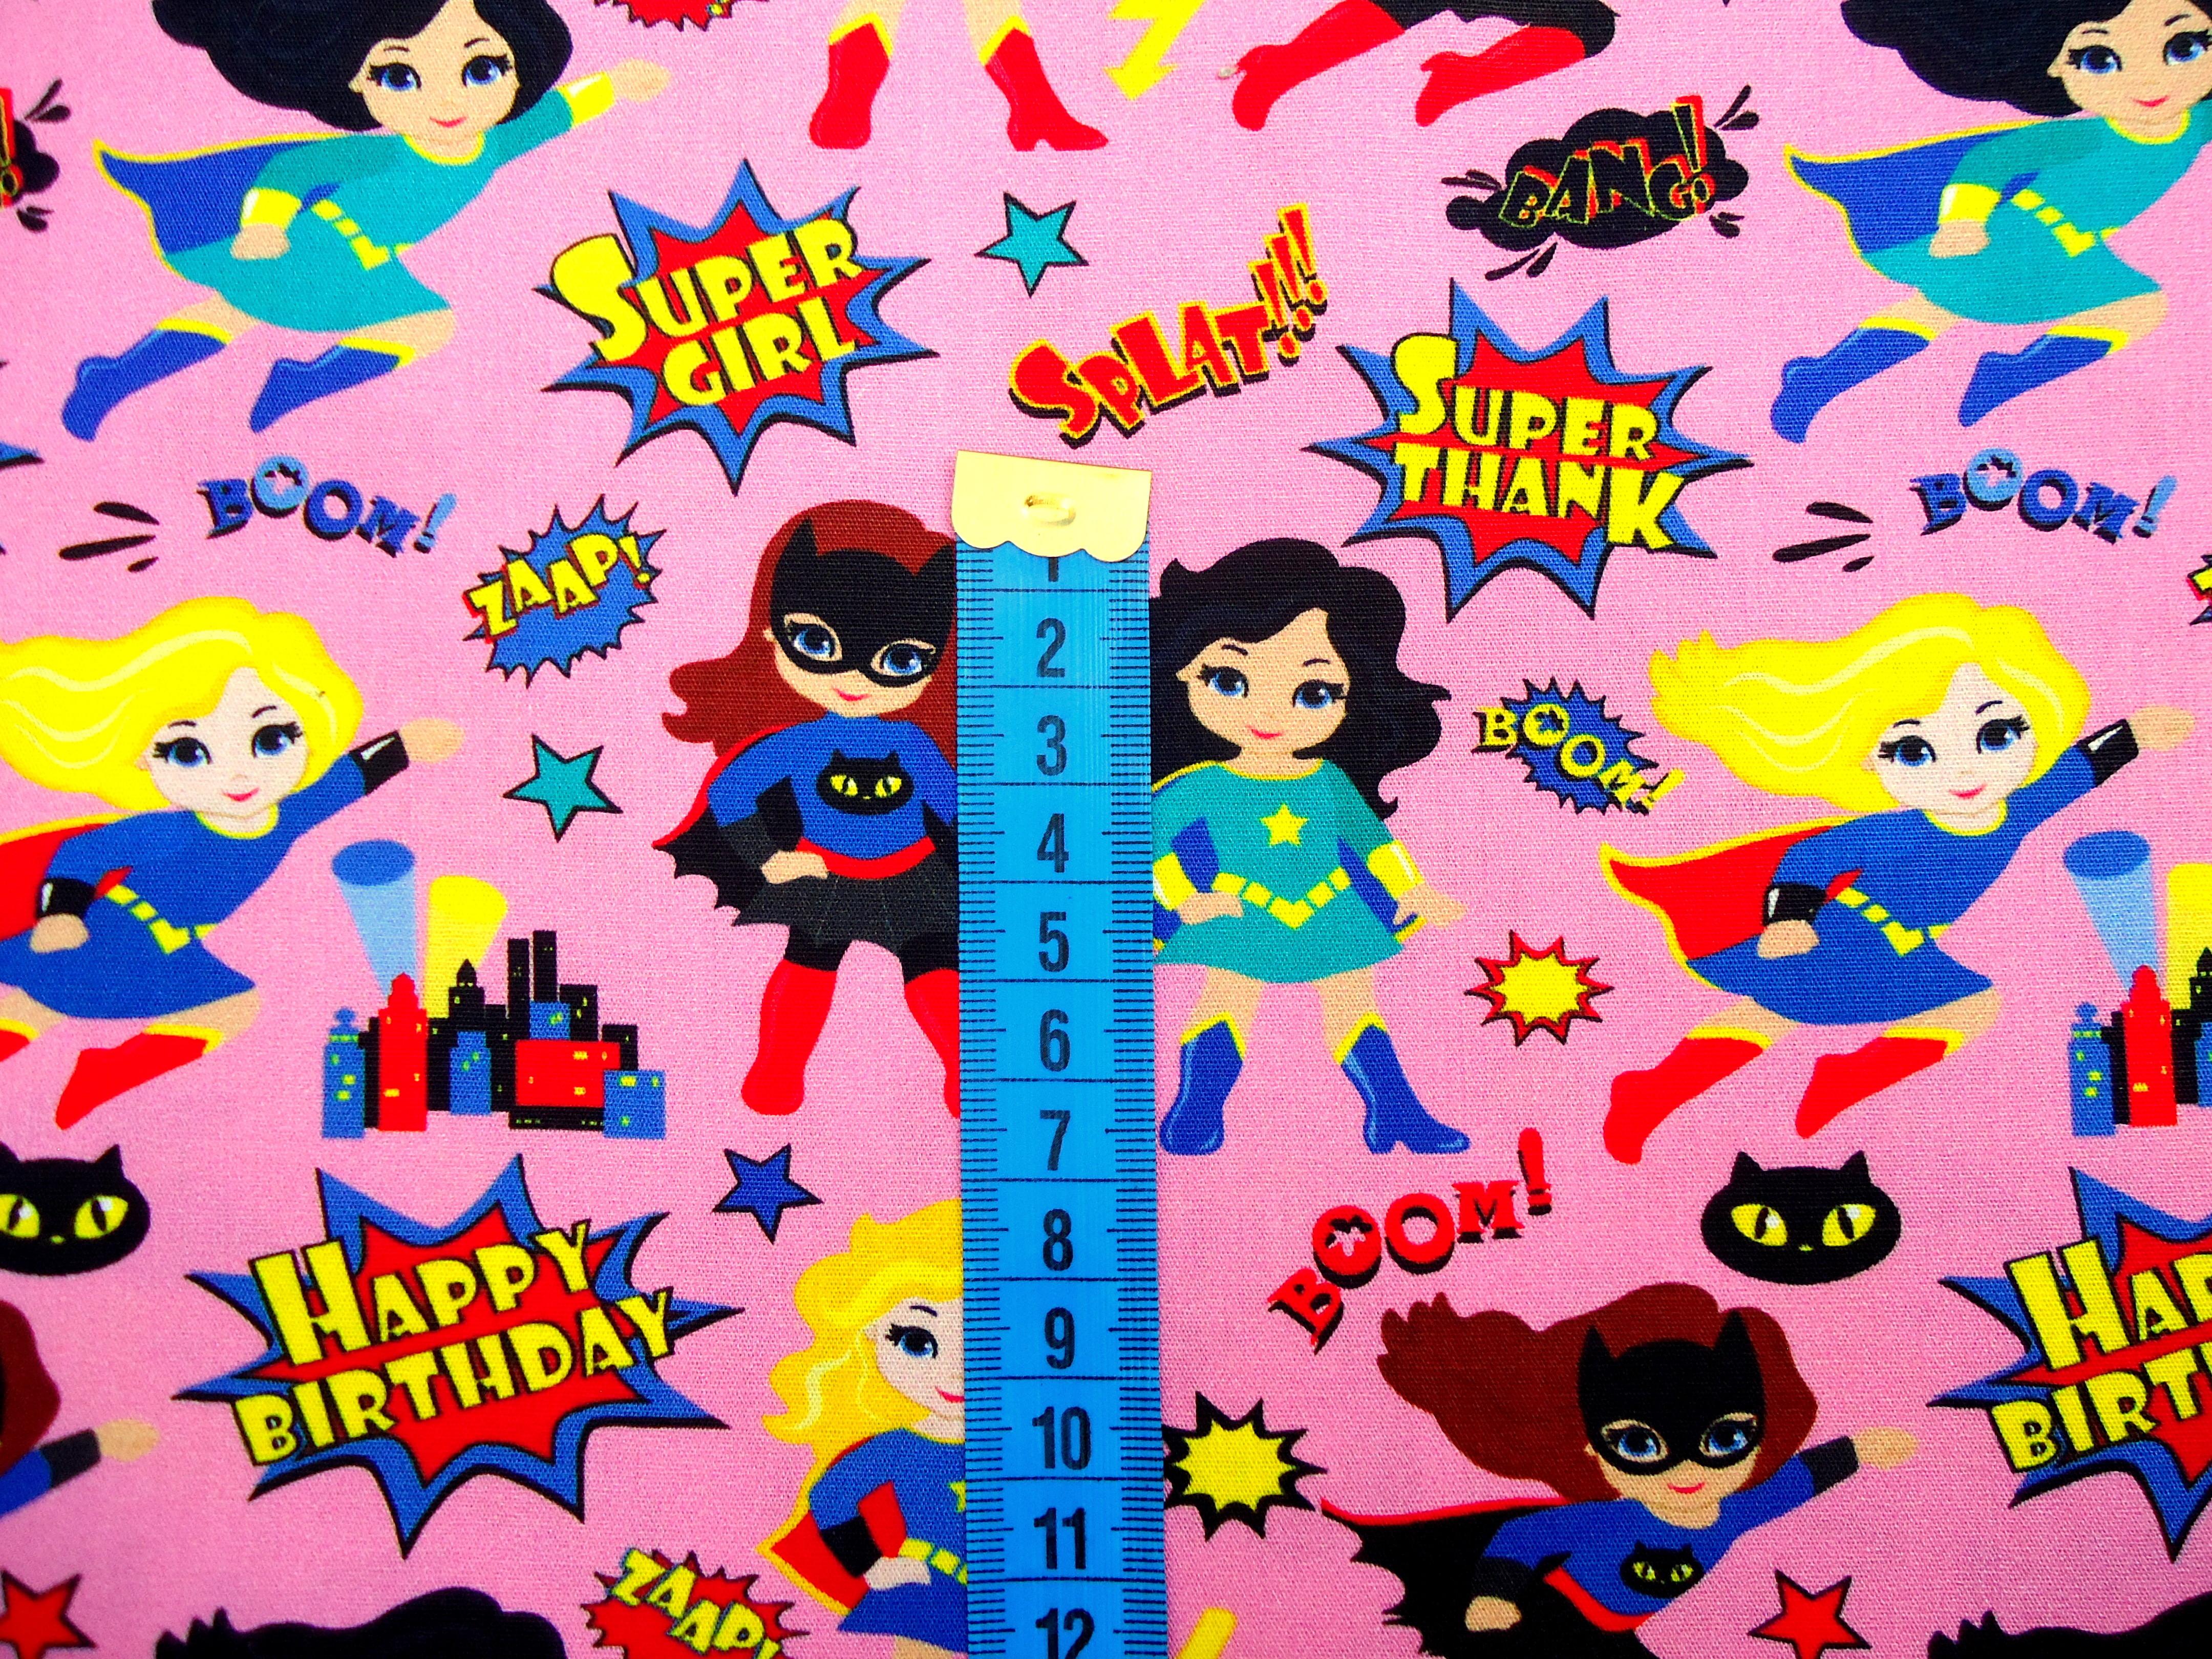 4a9c9fa04 Tecido Digital Super Heroínas no Elo7 | Ateliê Shirley Valton (DAB864)